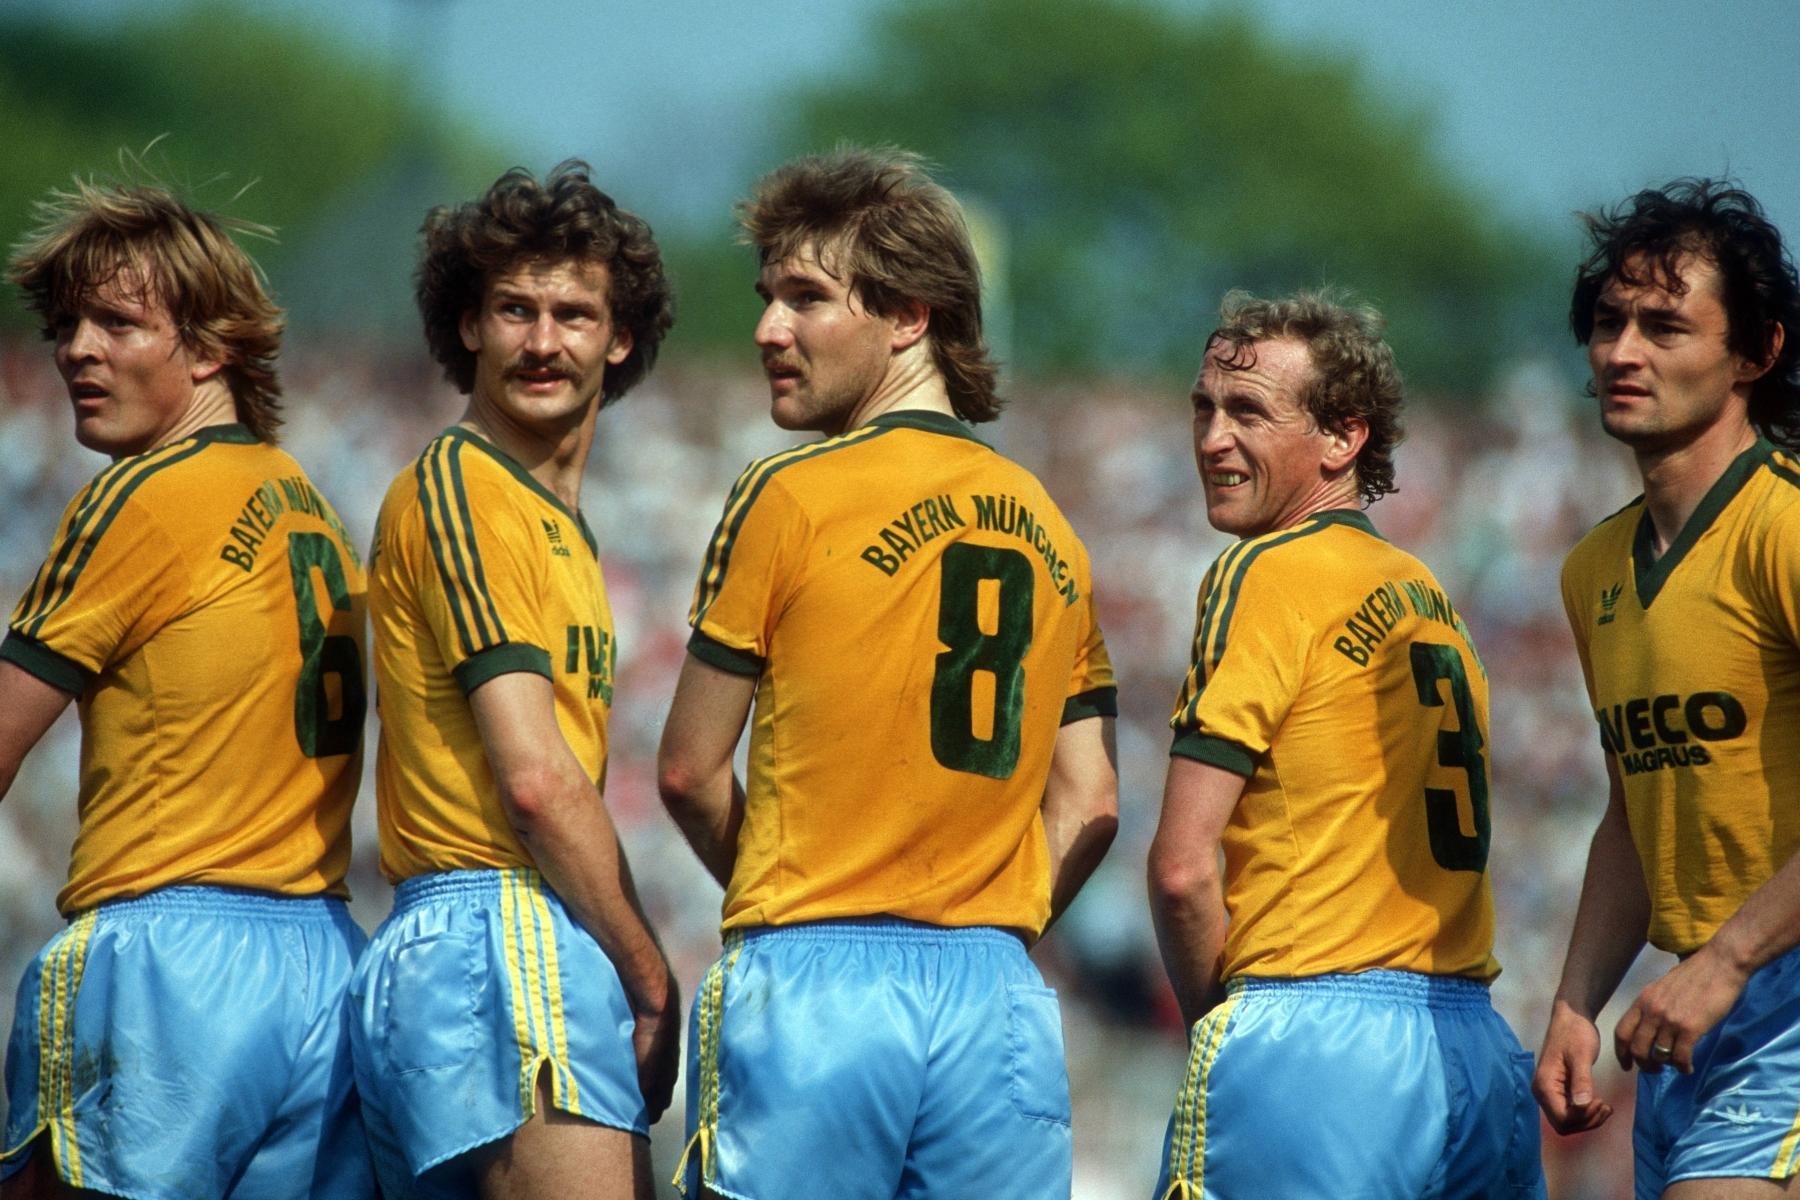 Ziemlich exotisch: Das gelb-blaue Auswärtstrikot des FC Bayern 1983/84.